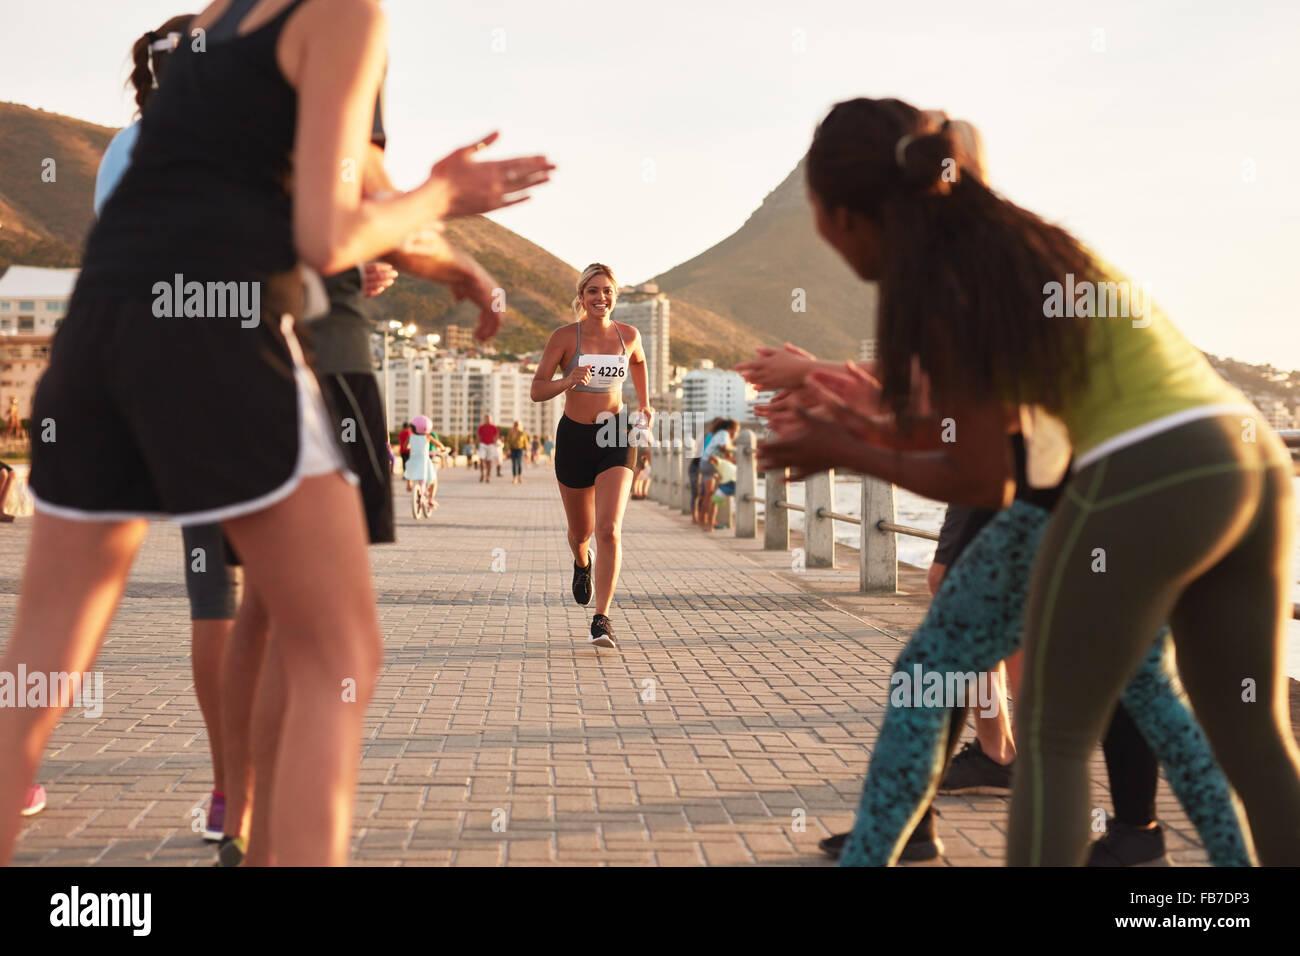 Glückliche junge Sportlerin wird von Anhängern applaudierten, als sie die Ziellinie eines laufenden Rennens Stockbild